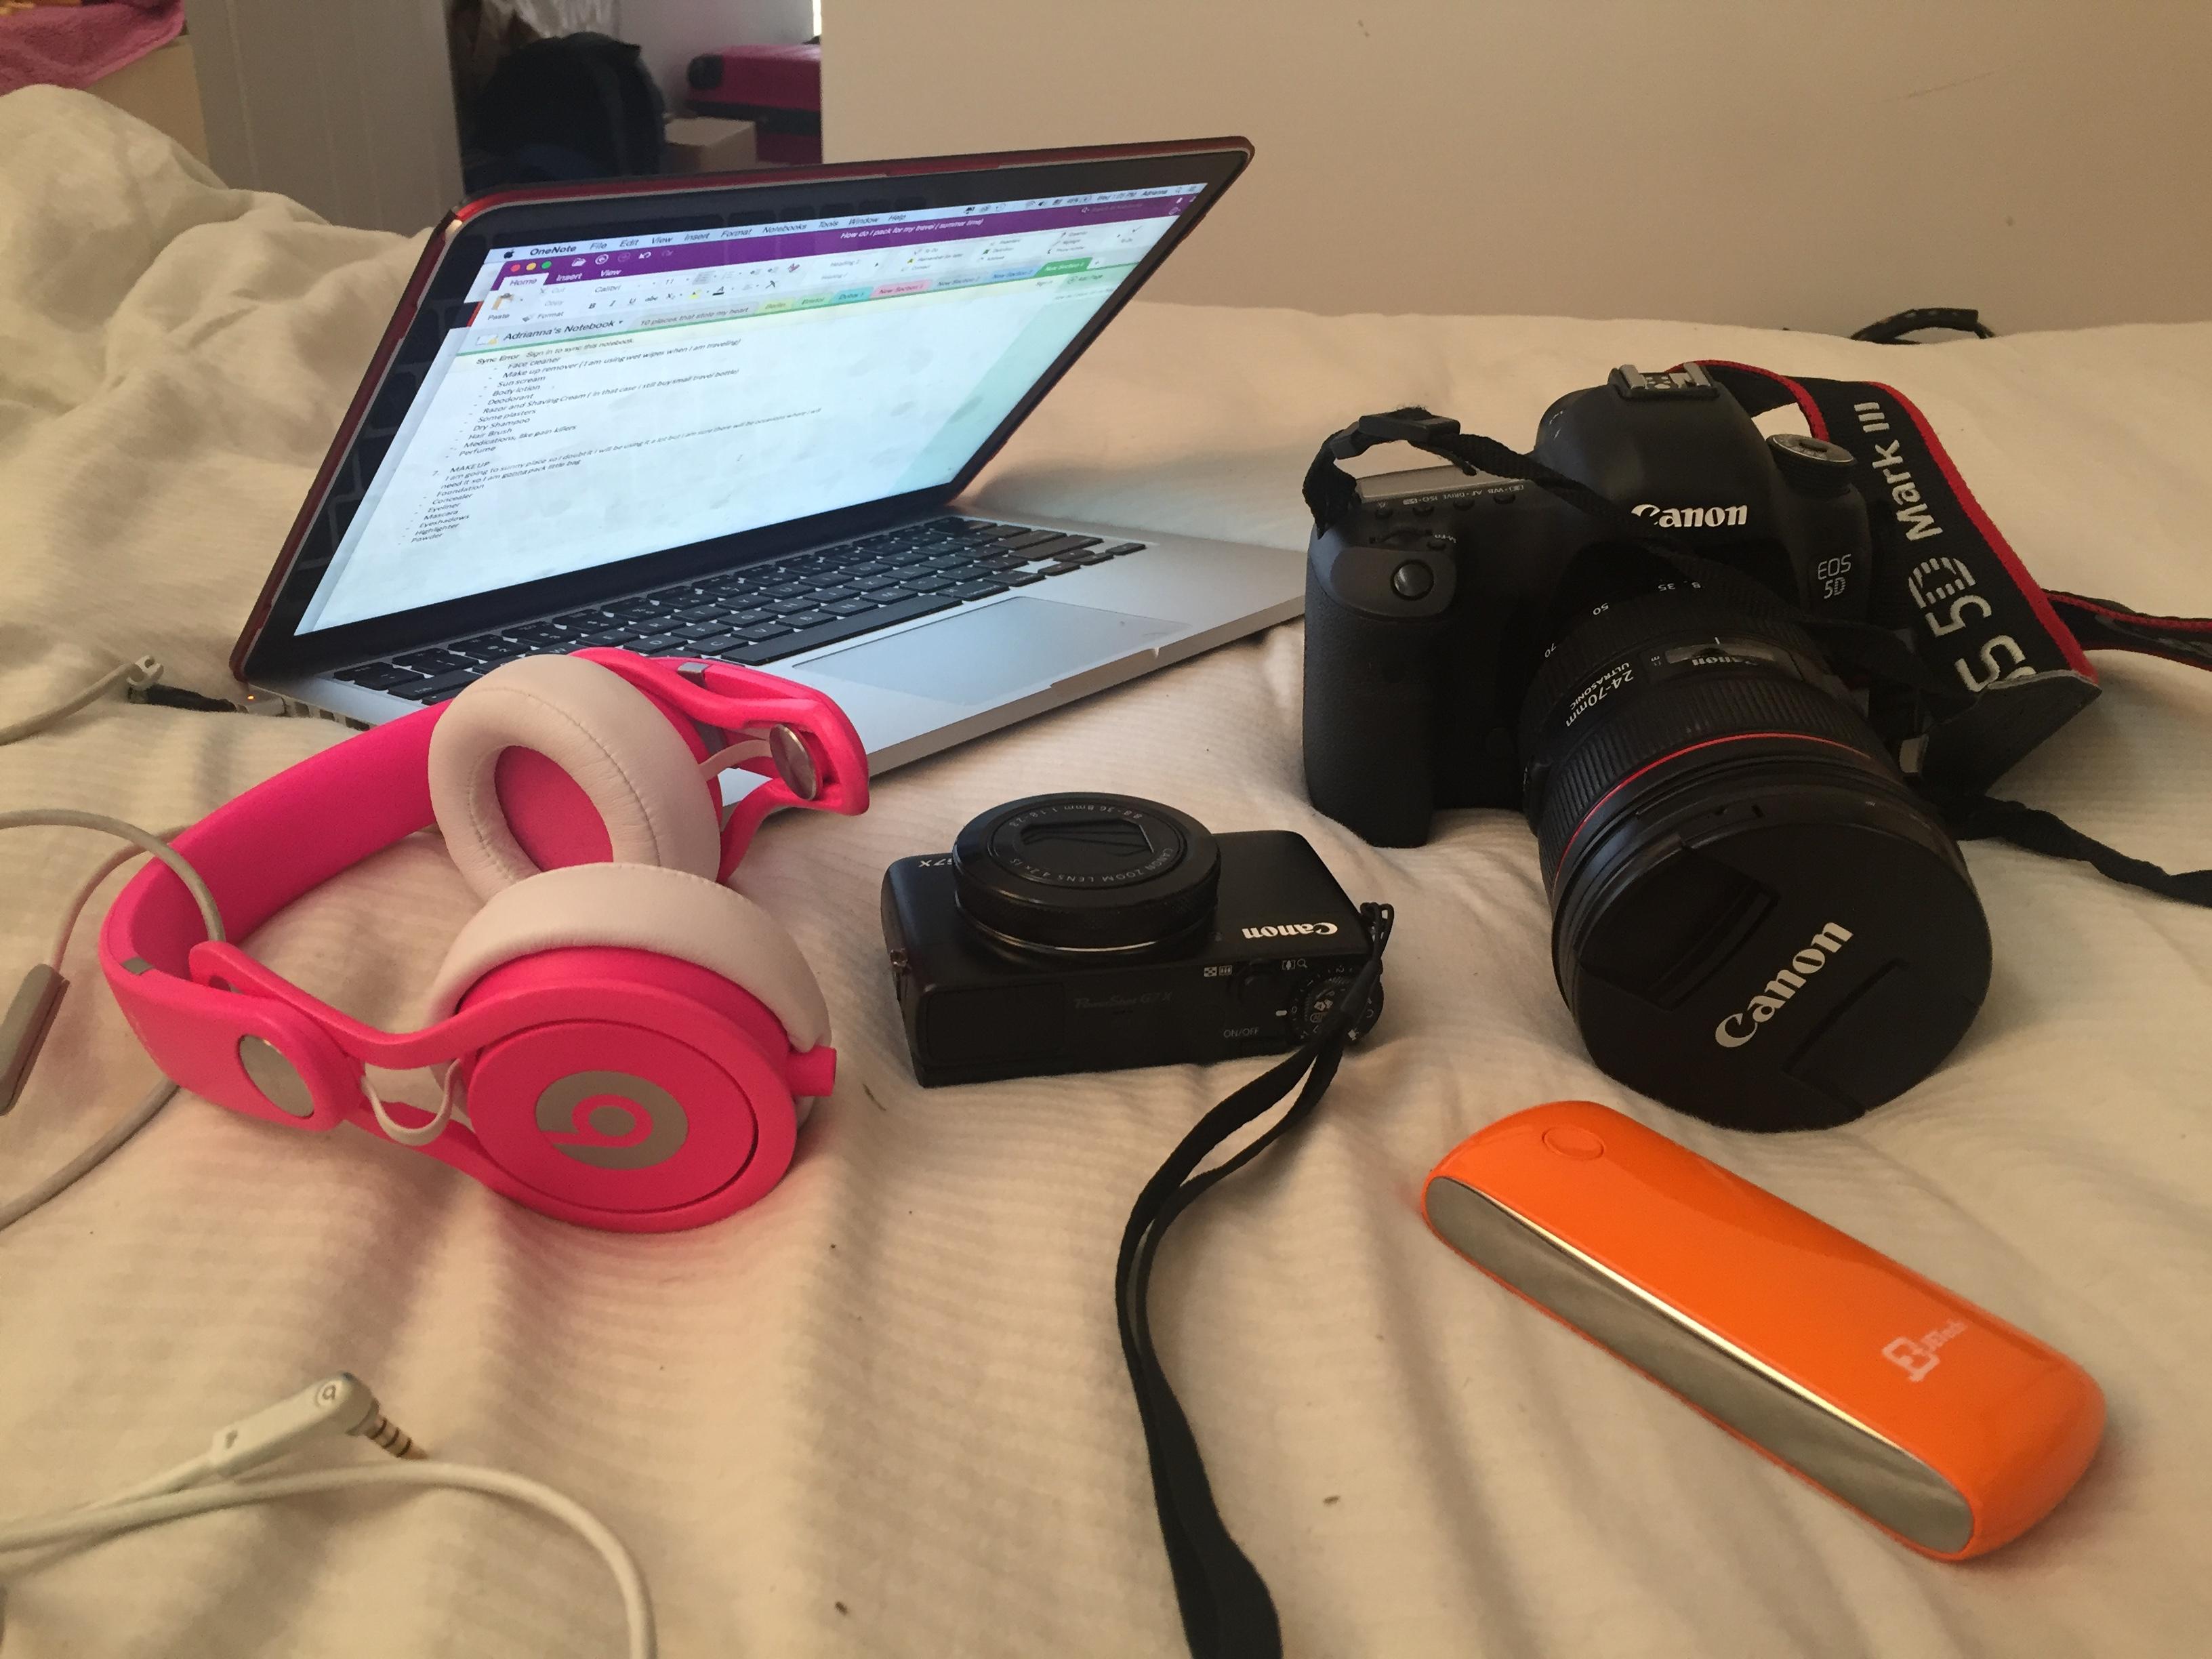 Beats Headphones, Macbook, Cannon 5D Mark III, and Juice Pack